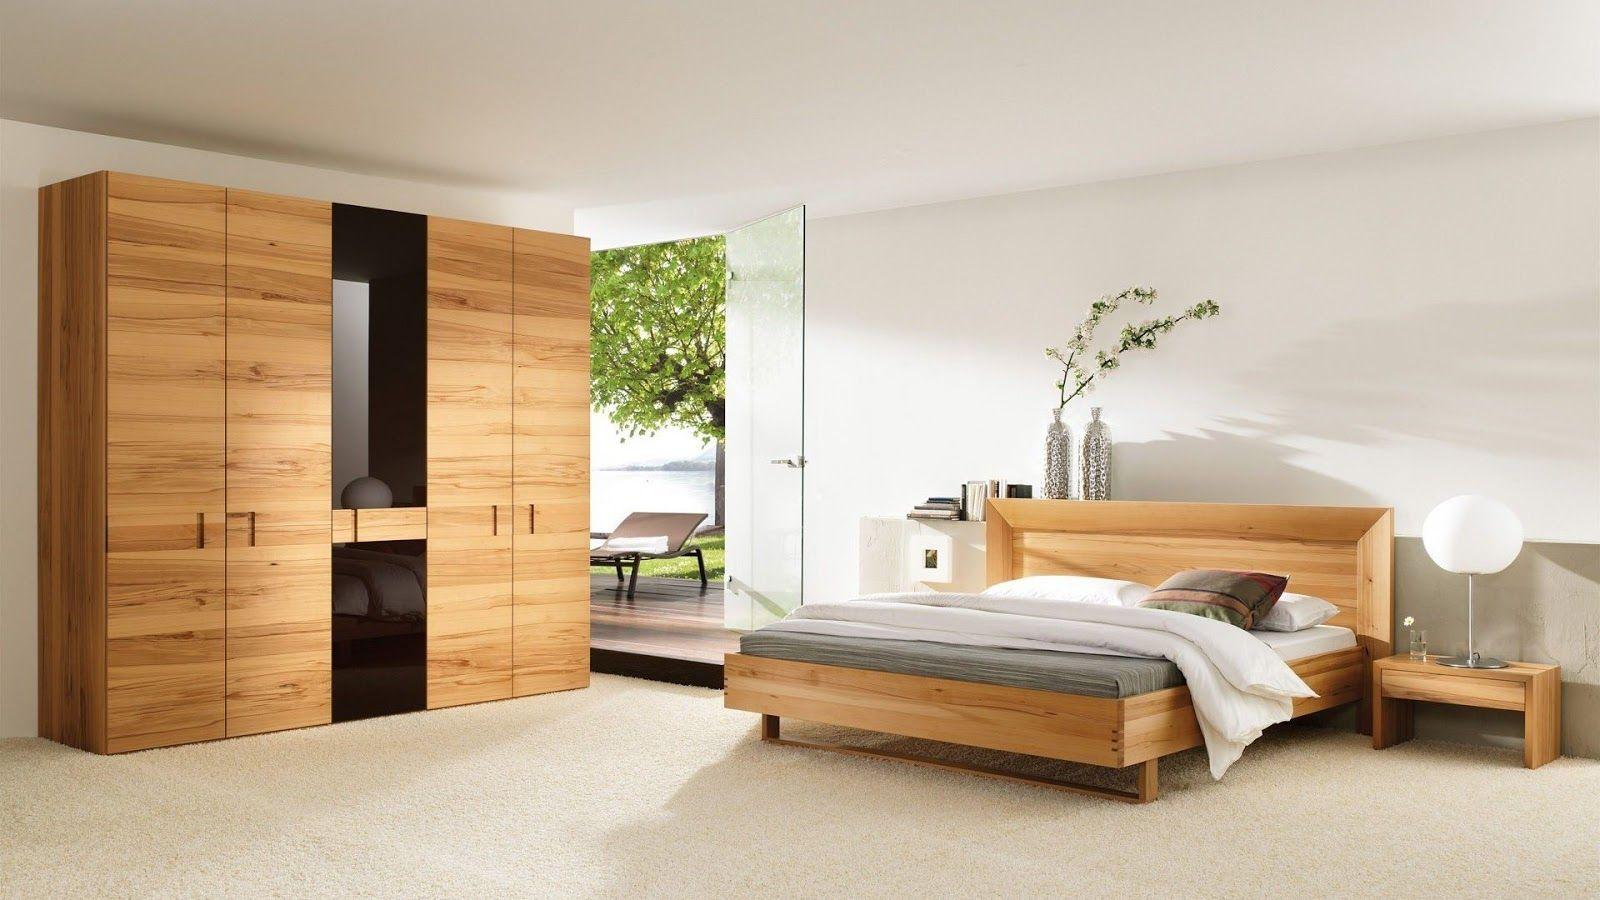 Simple Bedroom Simple Bedroom Design Bedroom Furniture Design Wood Bedroom Sets